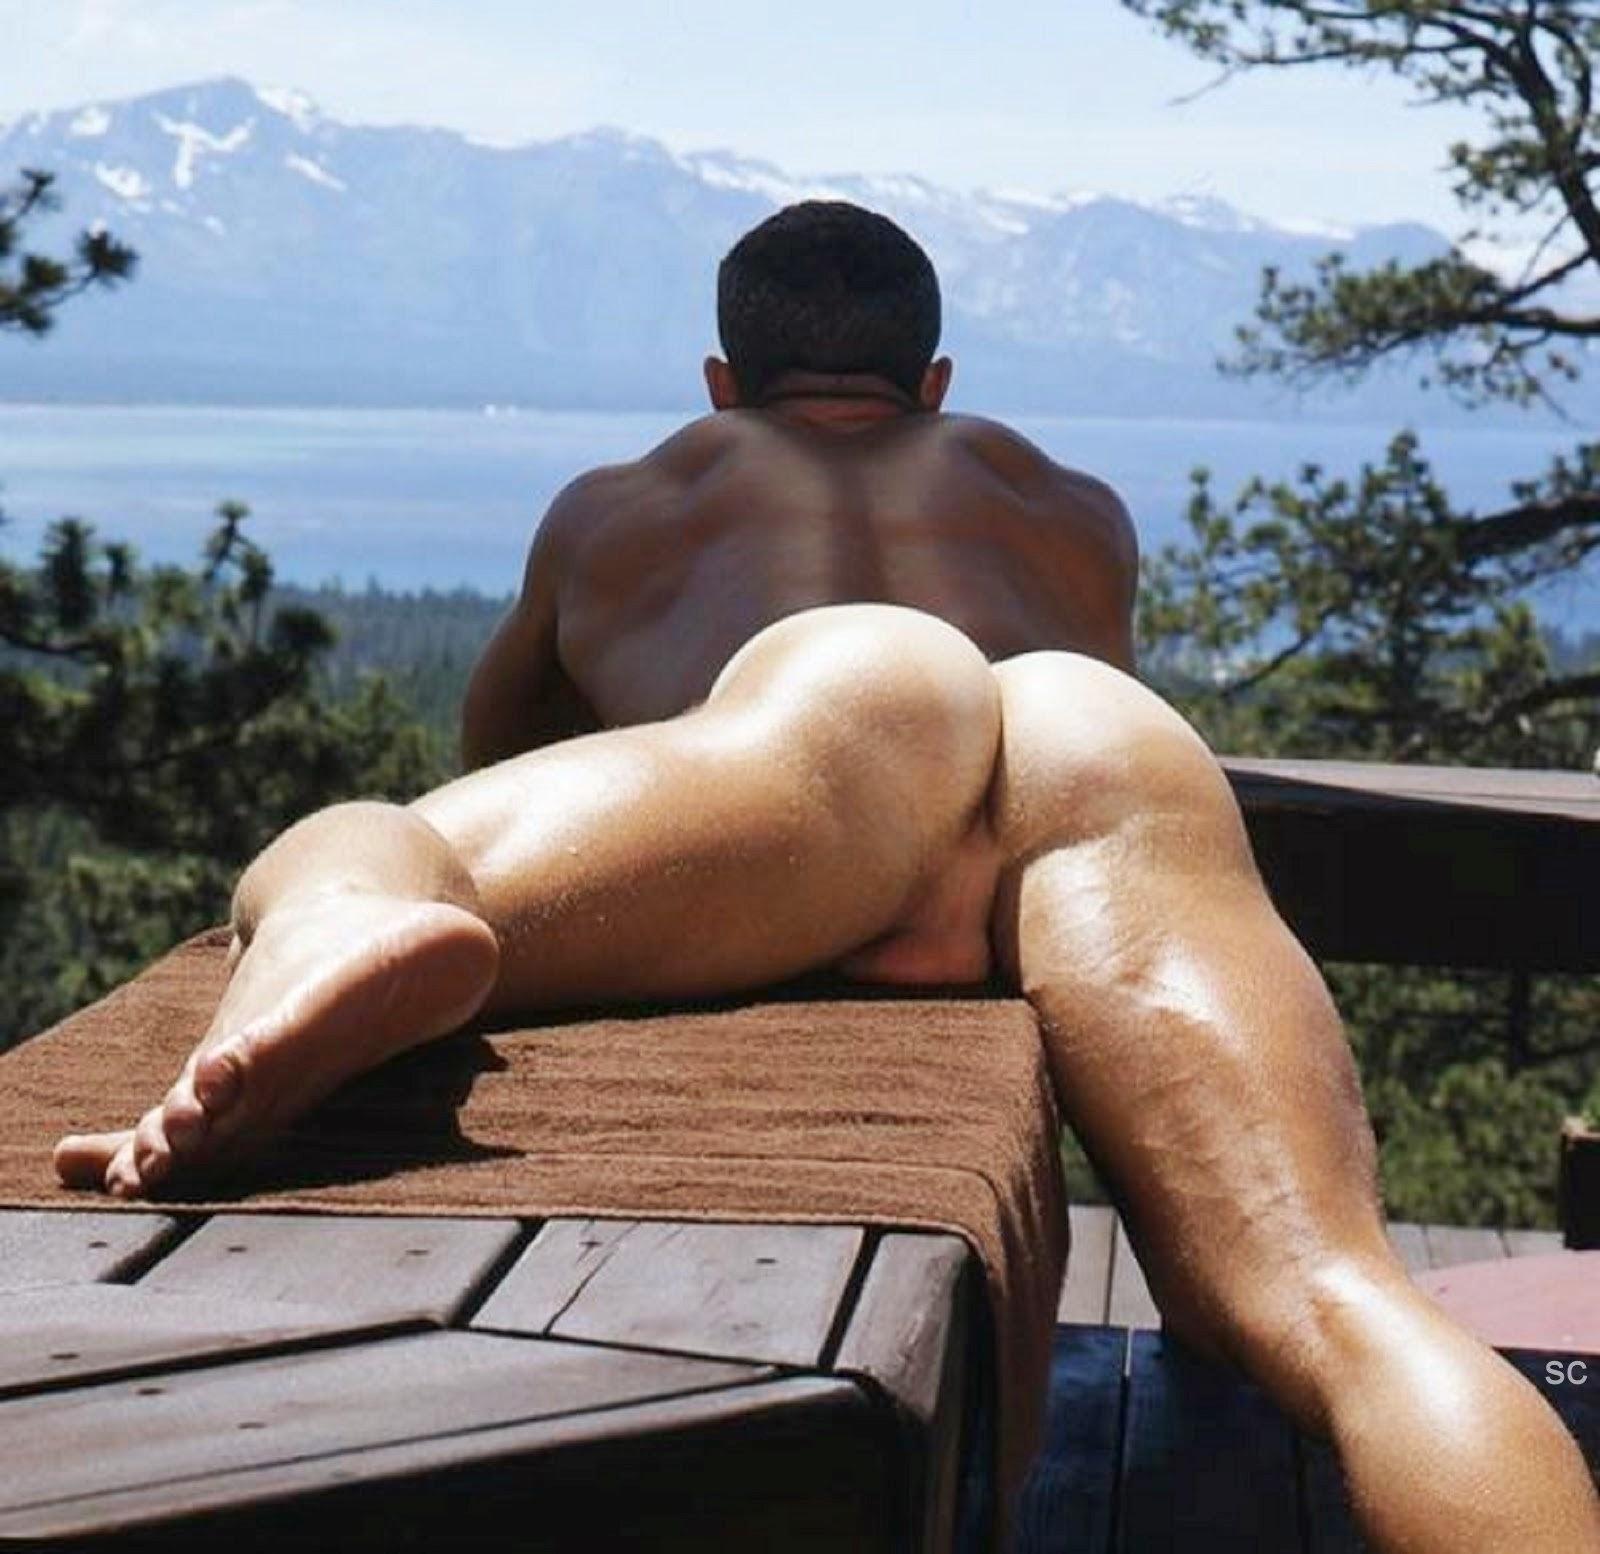 С галерий фото мужина интим зади